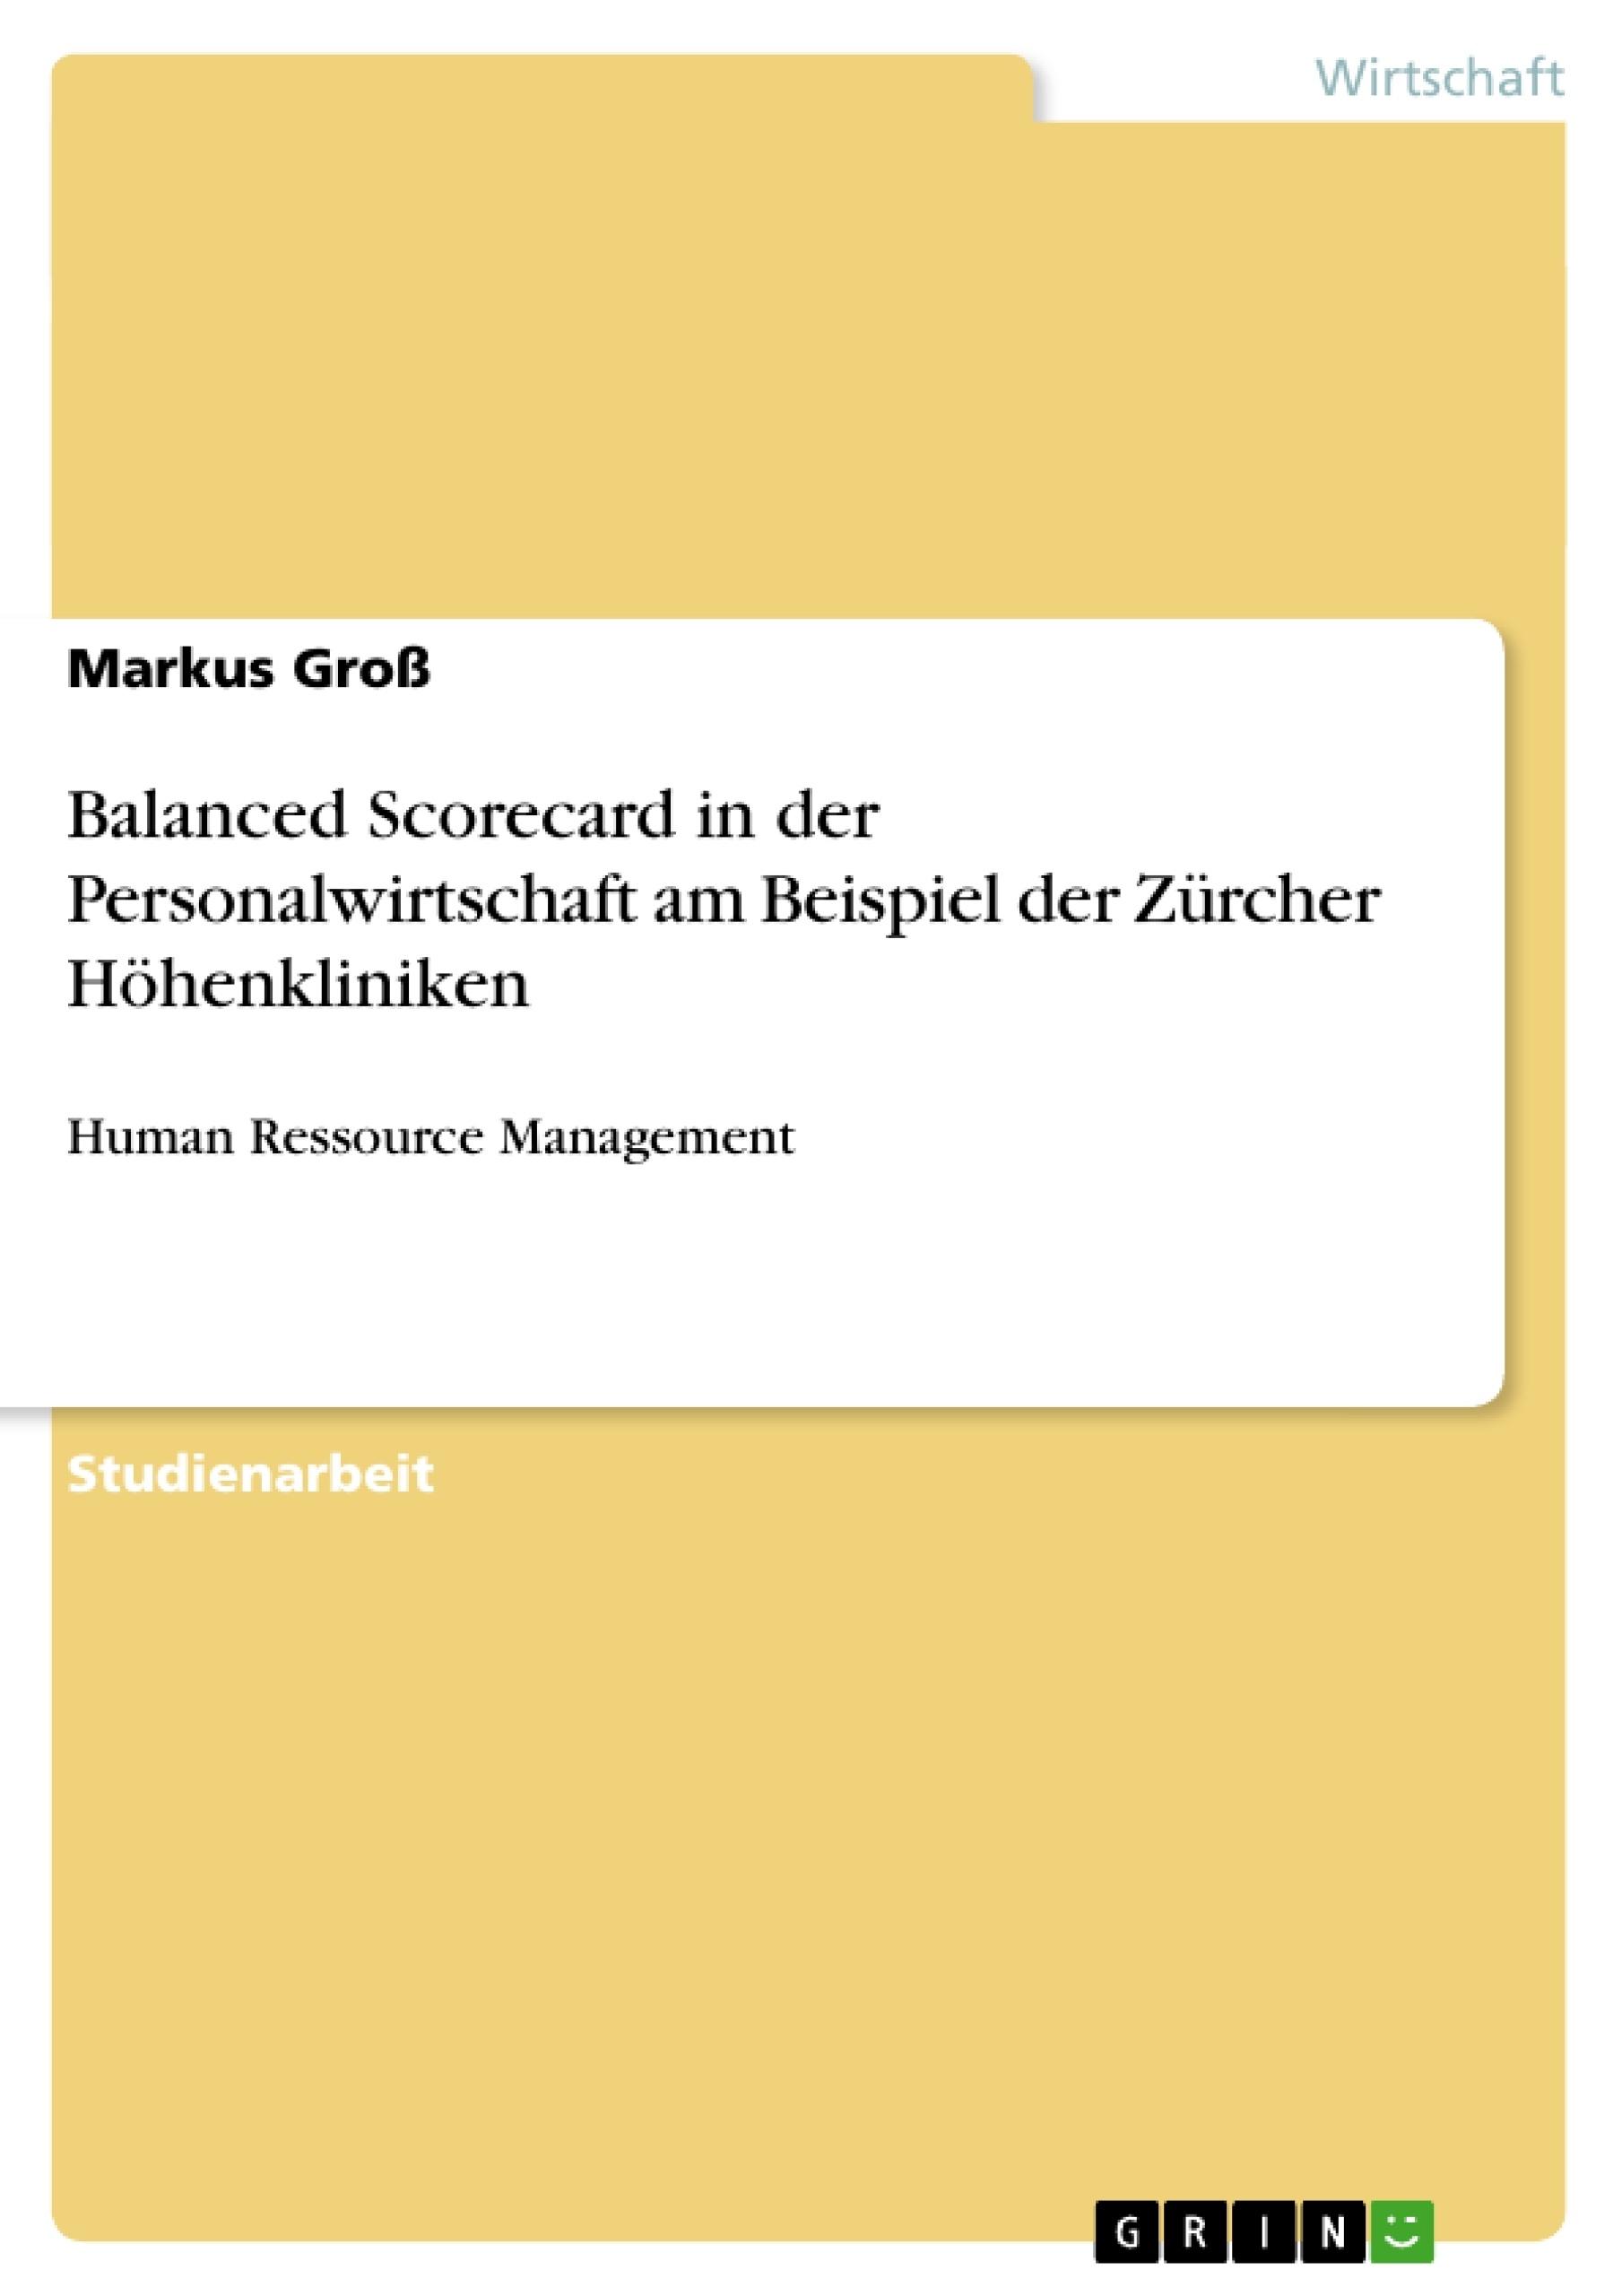 Titel: Balanced Scorecard in der Personalwirtschaft am Beispiel der Zürcher Höhenkliniken